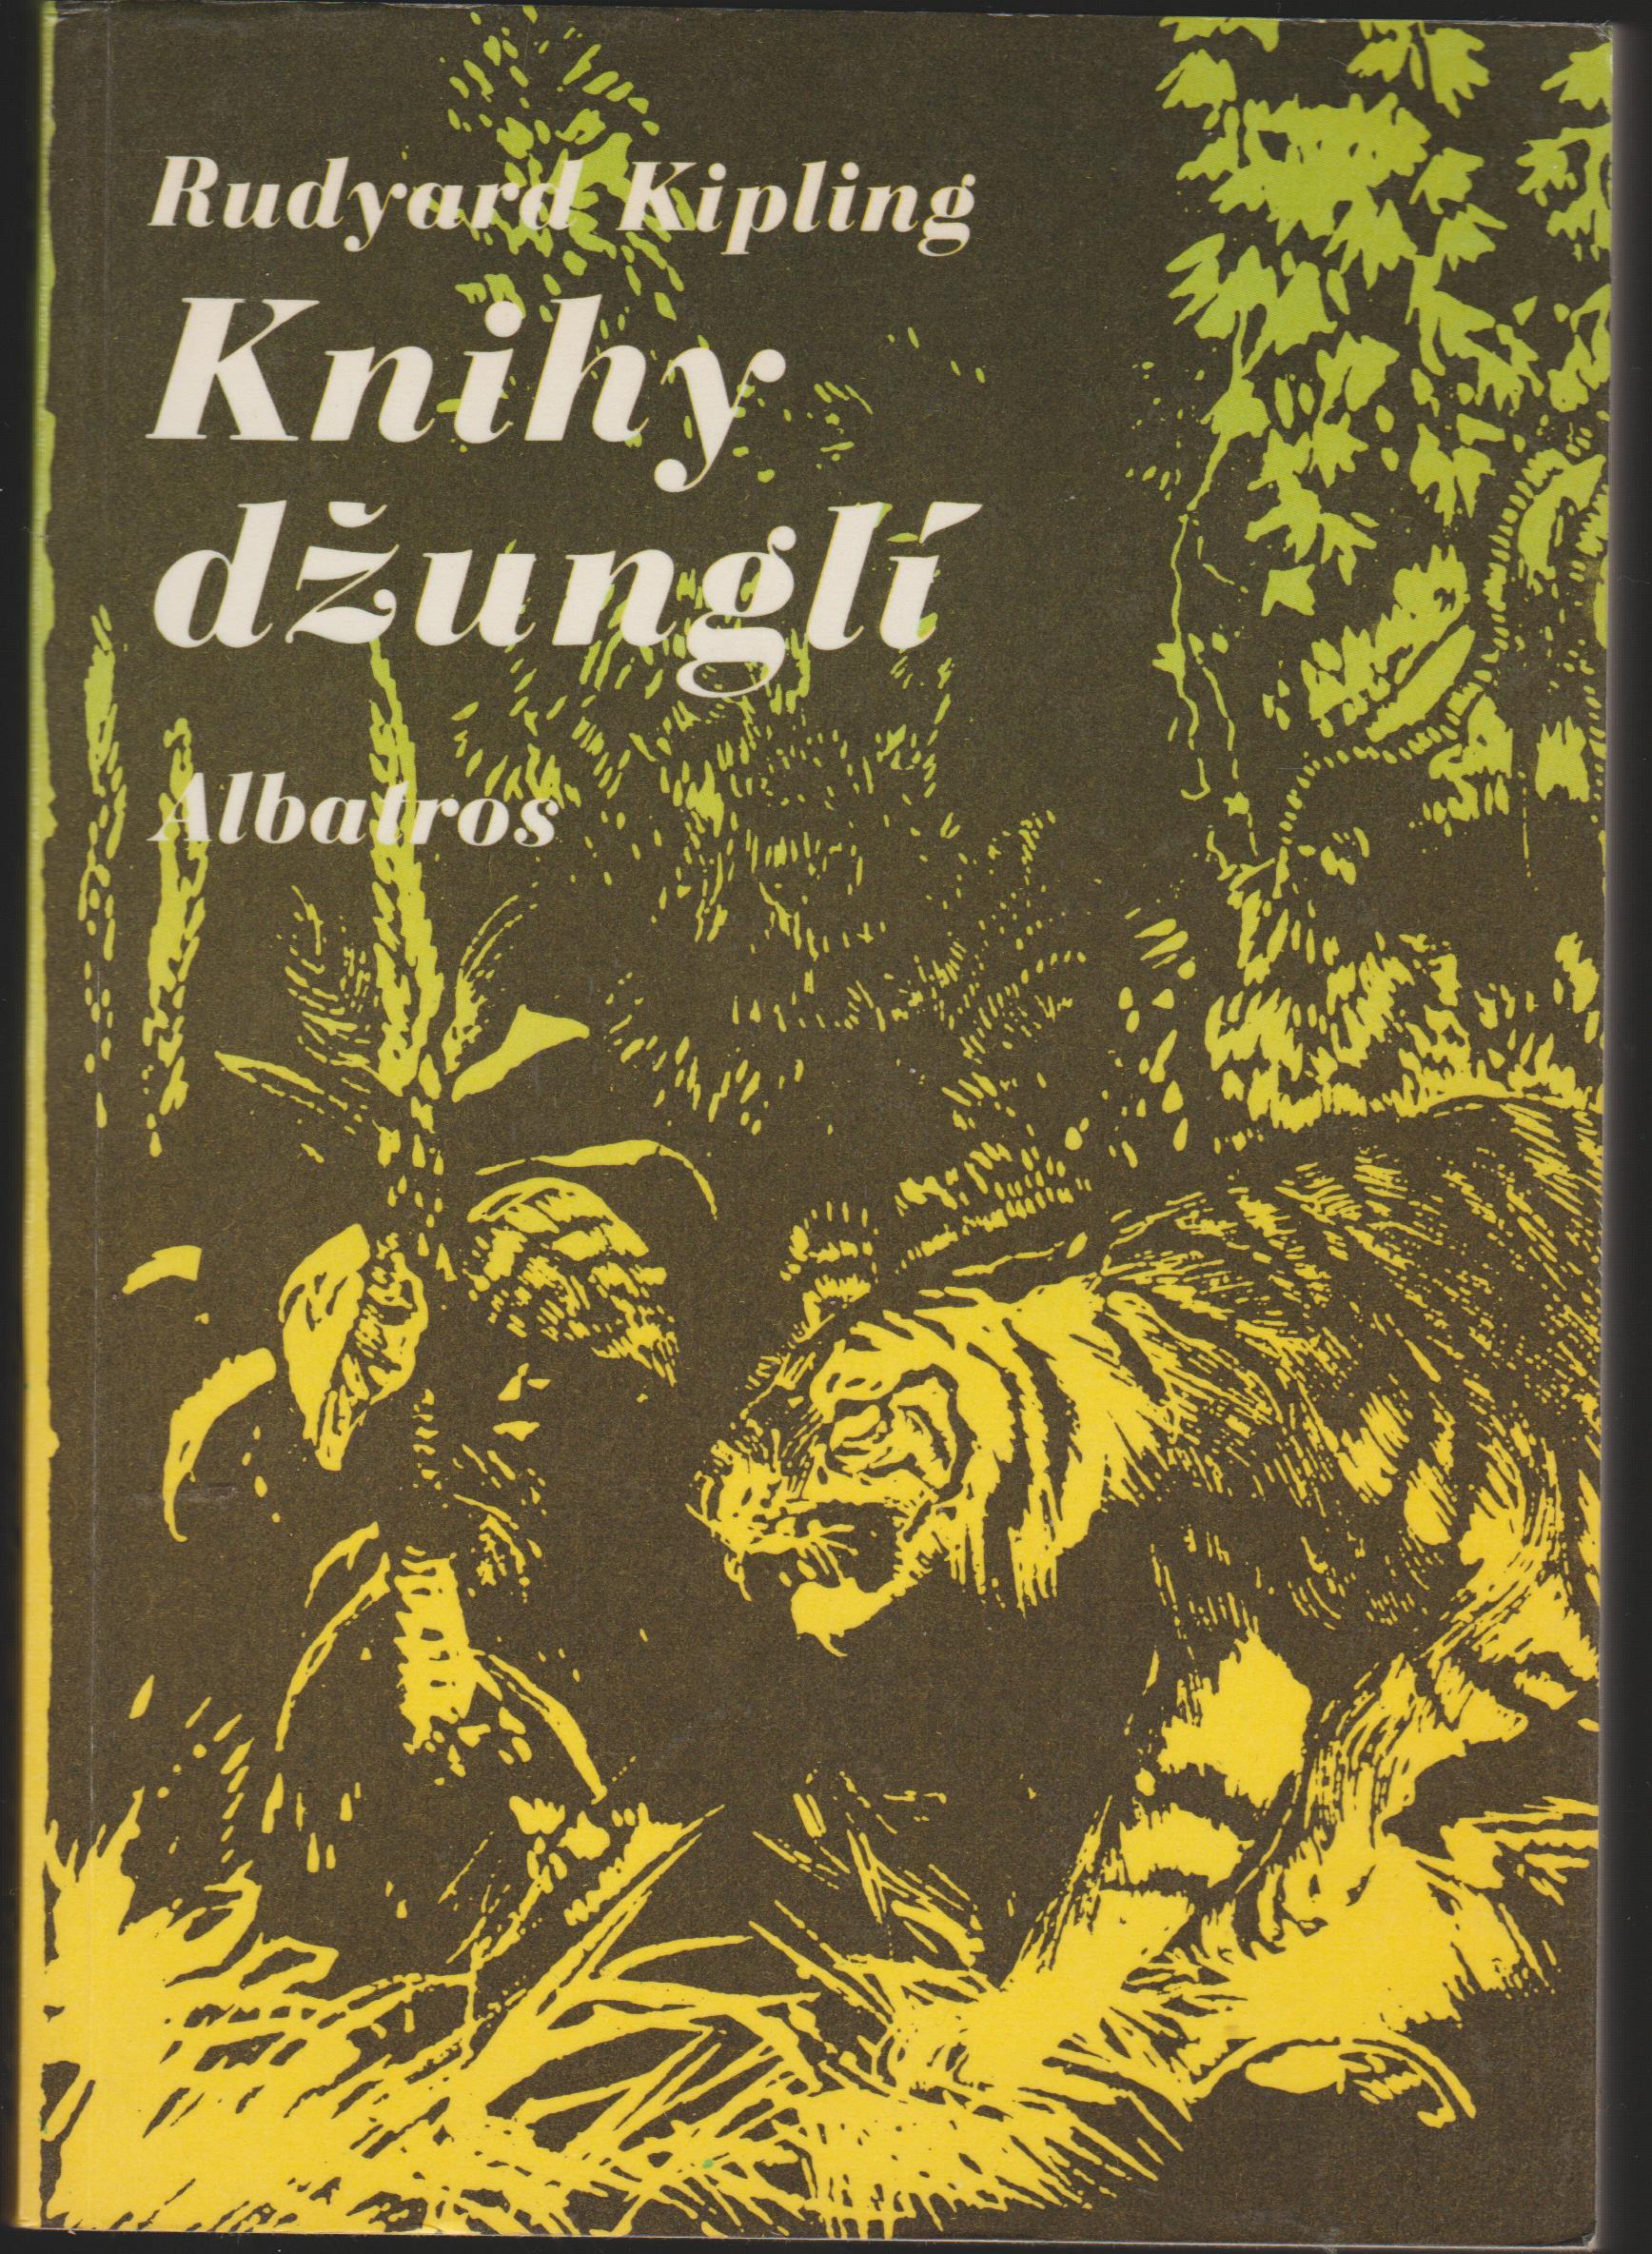 knihy džunglí - Rudyard Kippling